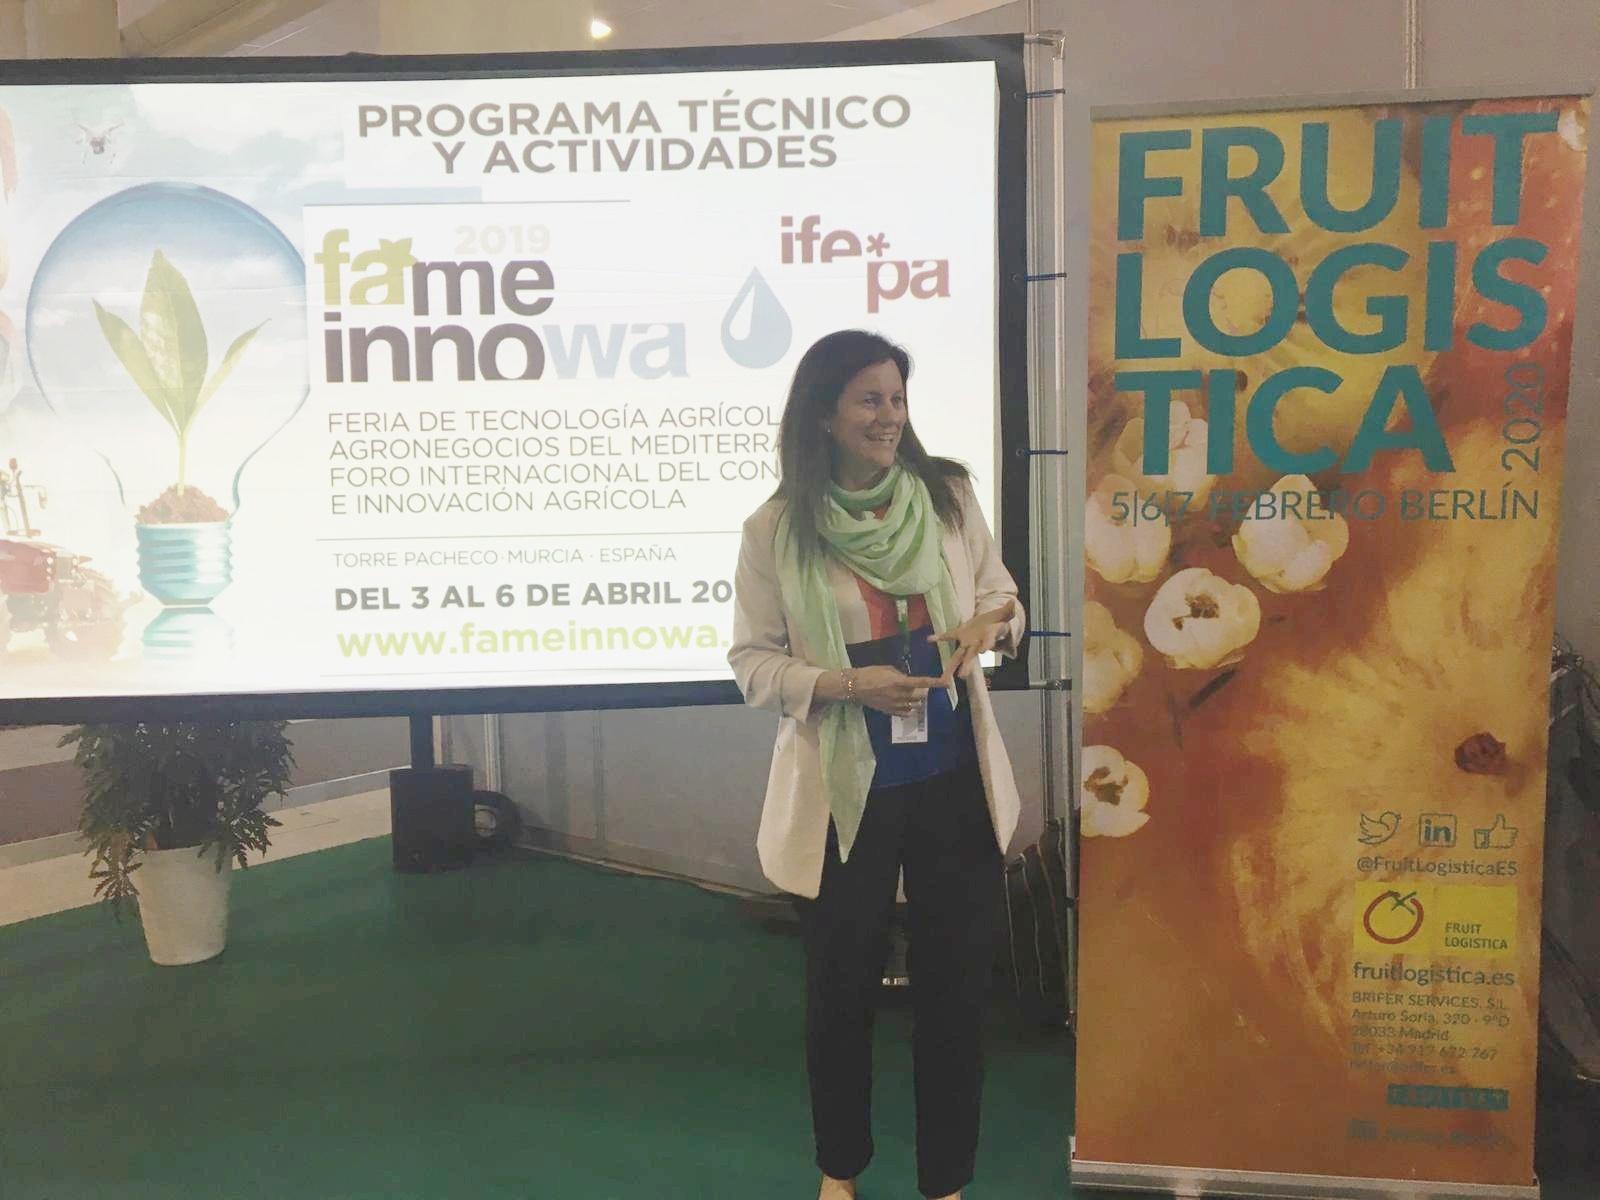 Fruit Logistica en Fame Innowa